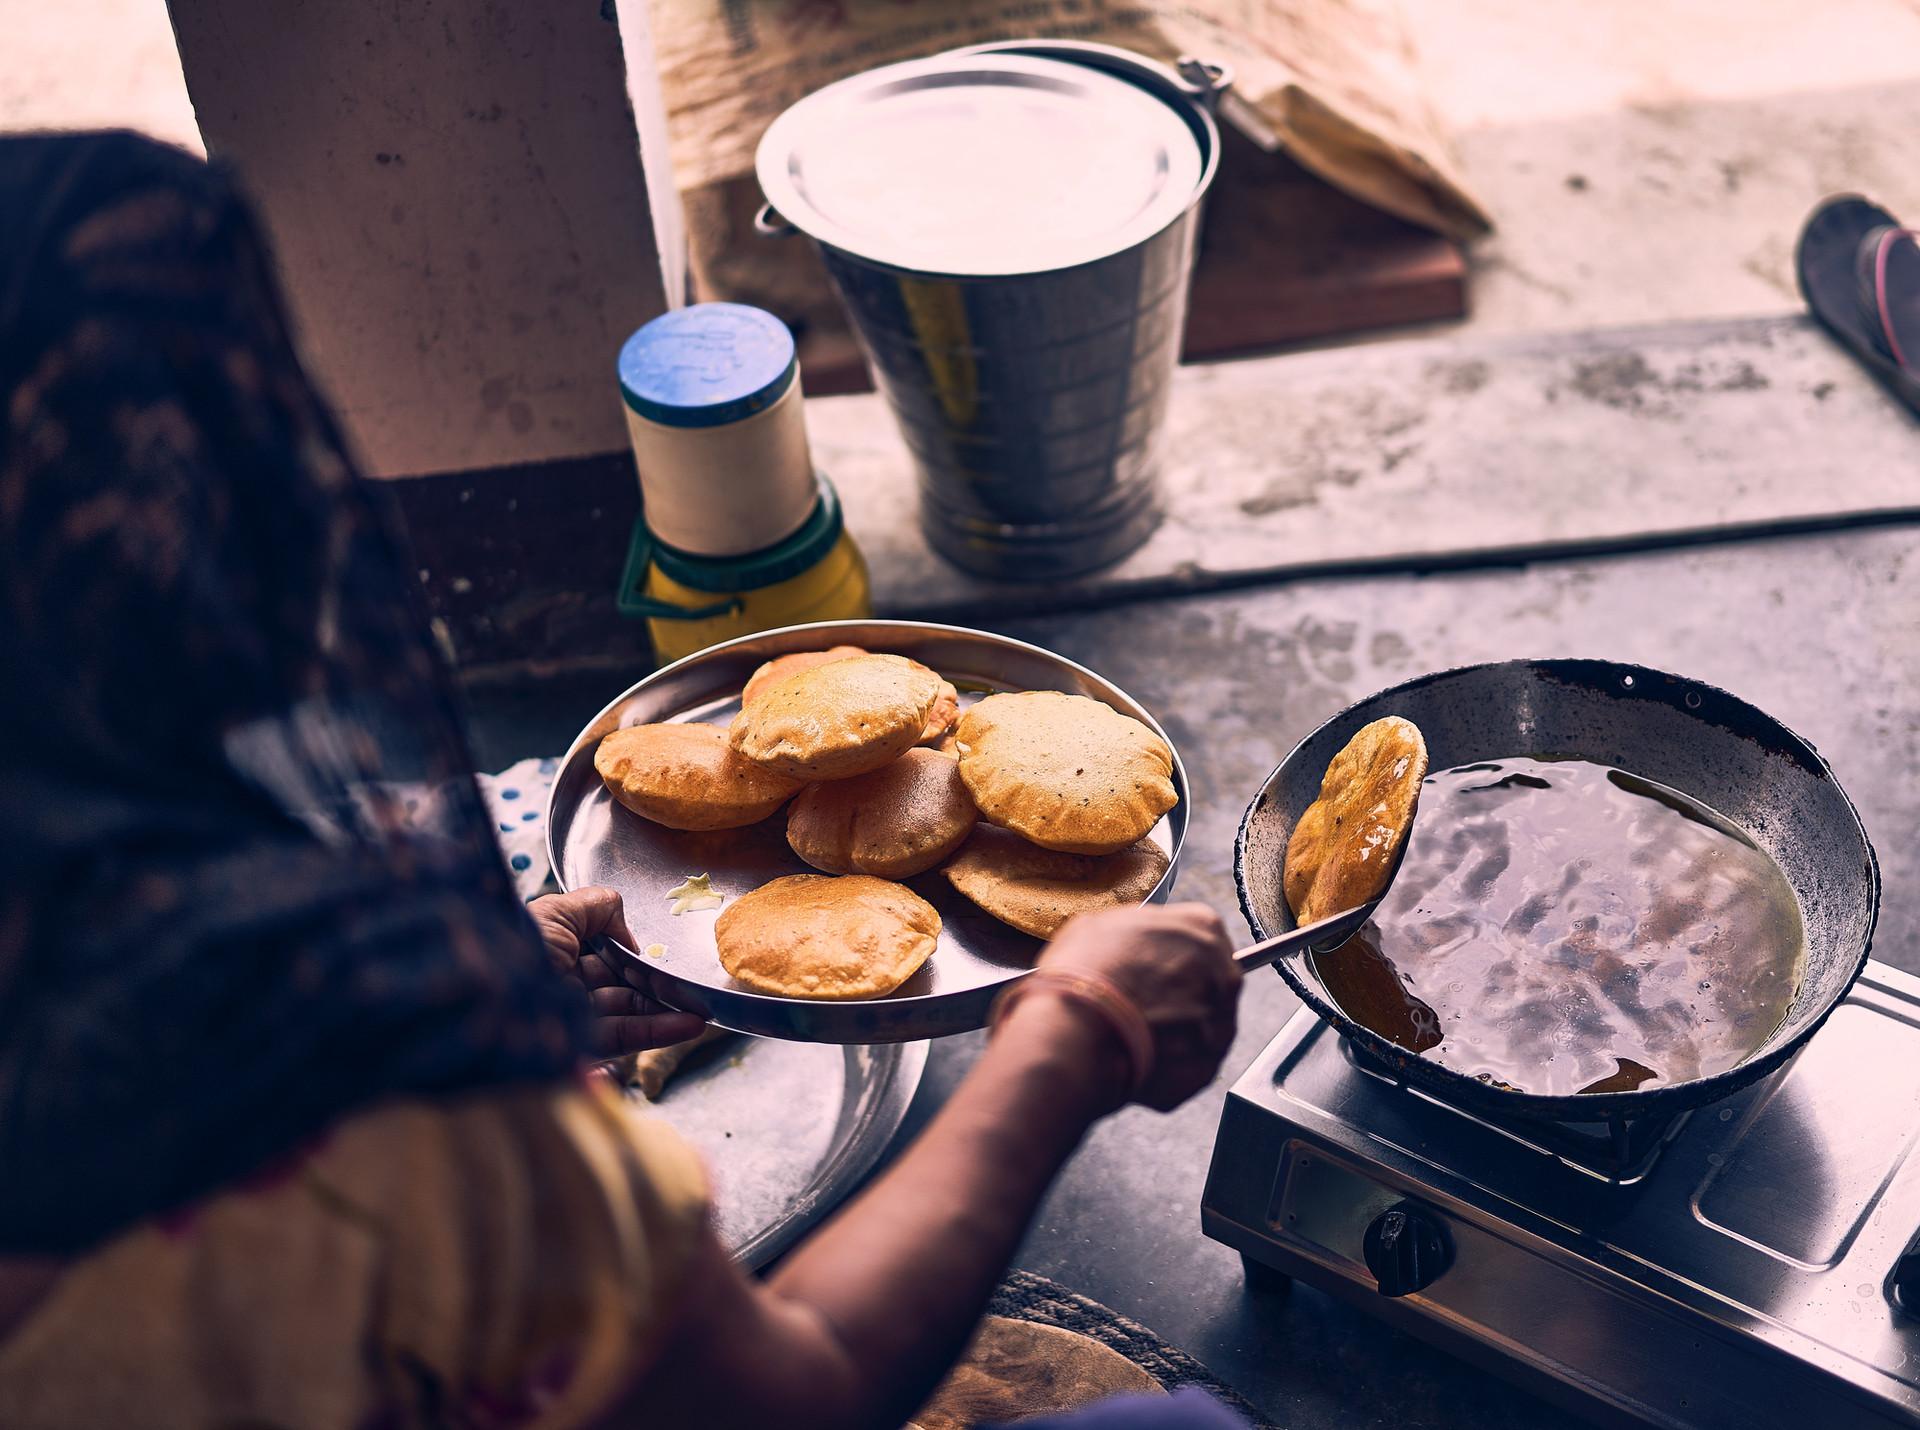 Image by Ashwini Chaudhary